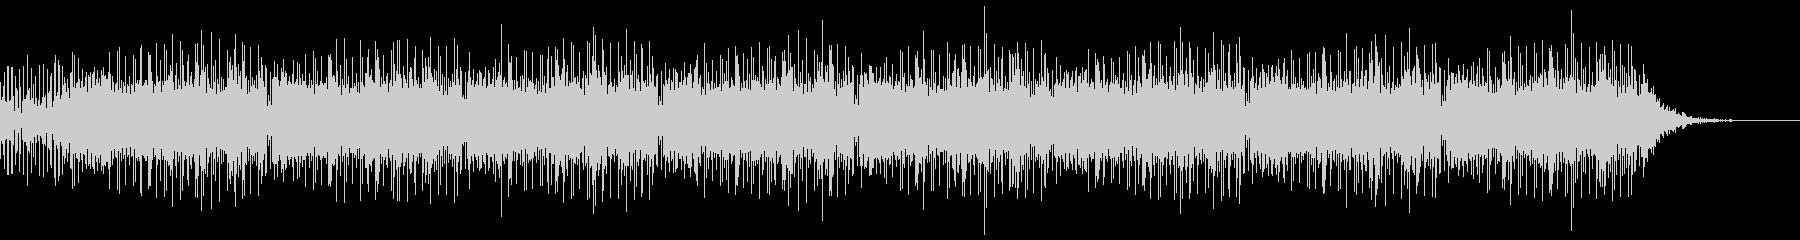 レトロPCゲーム調STGBGMの未再生の波形